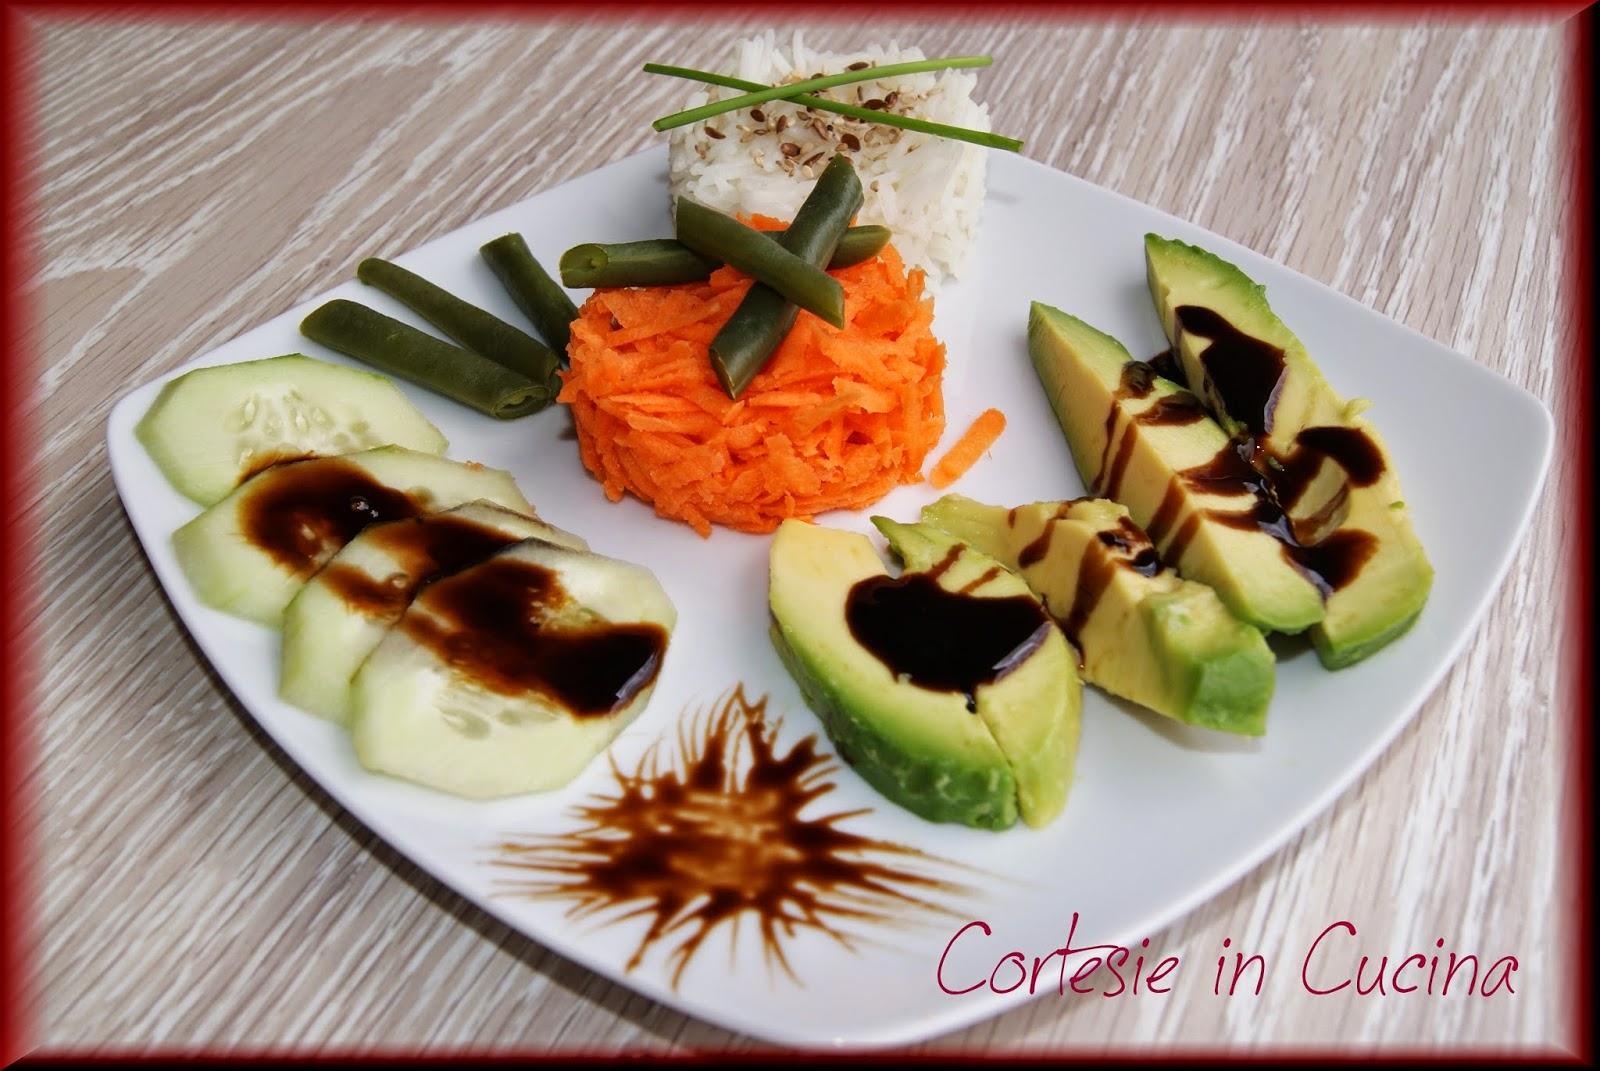 insalata con riso basmati ed avocado